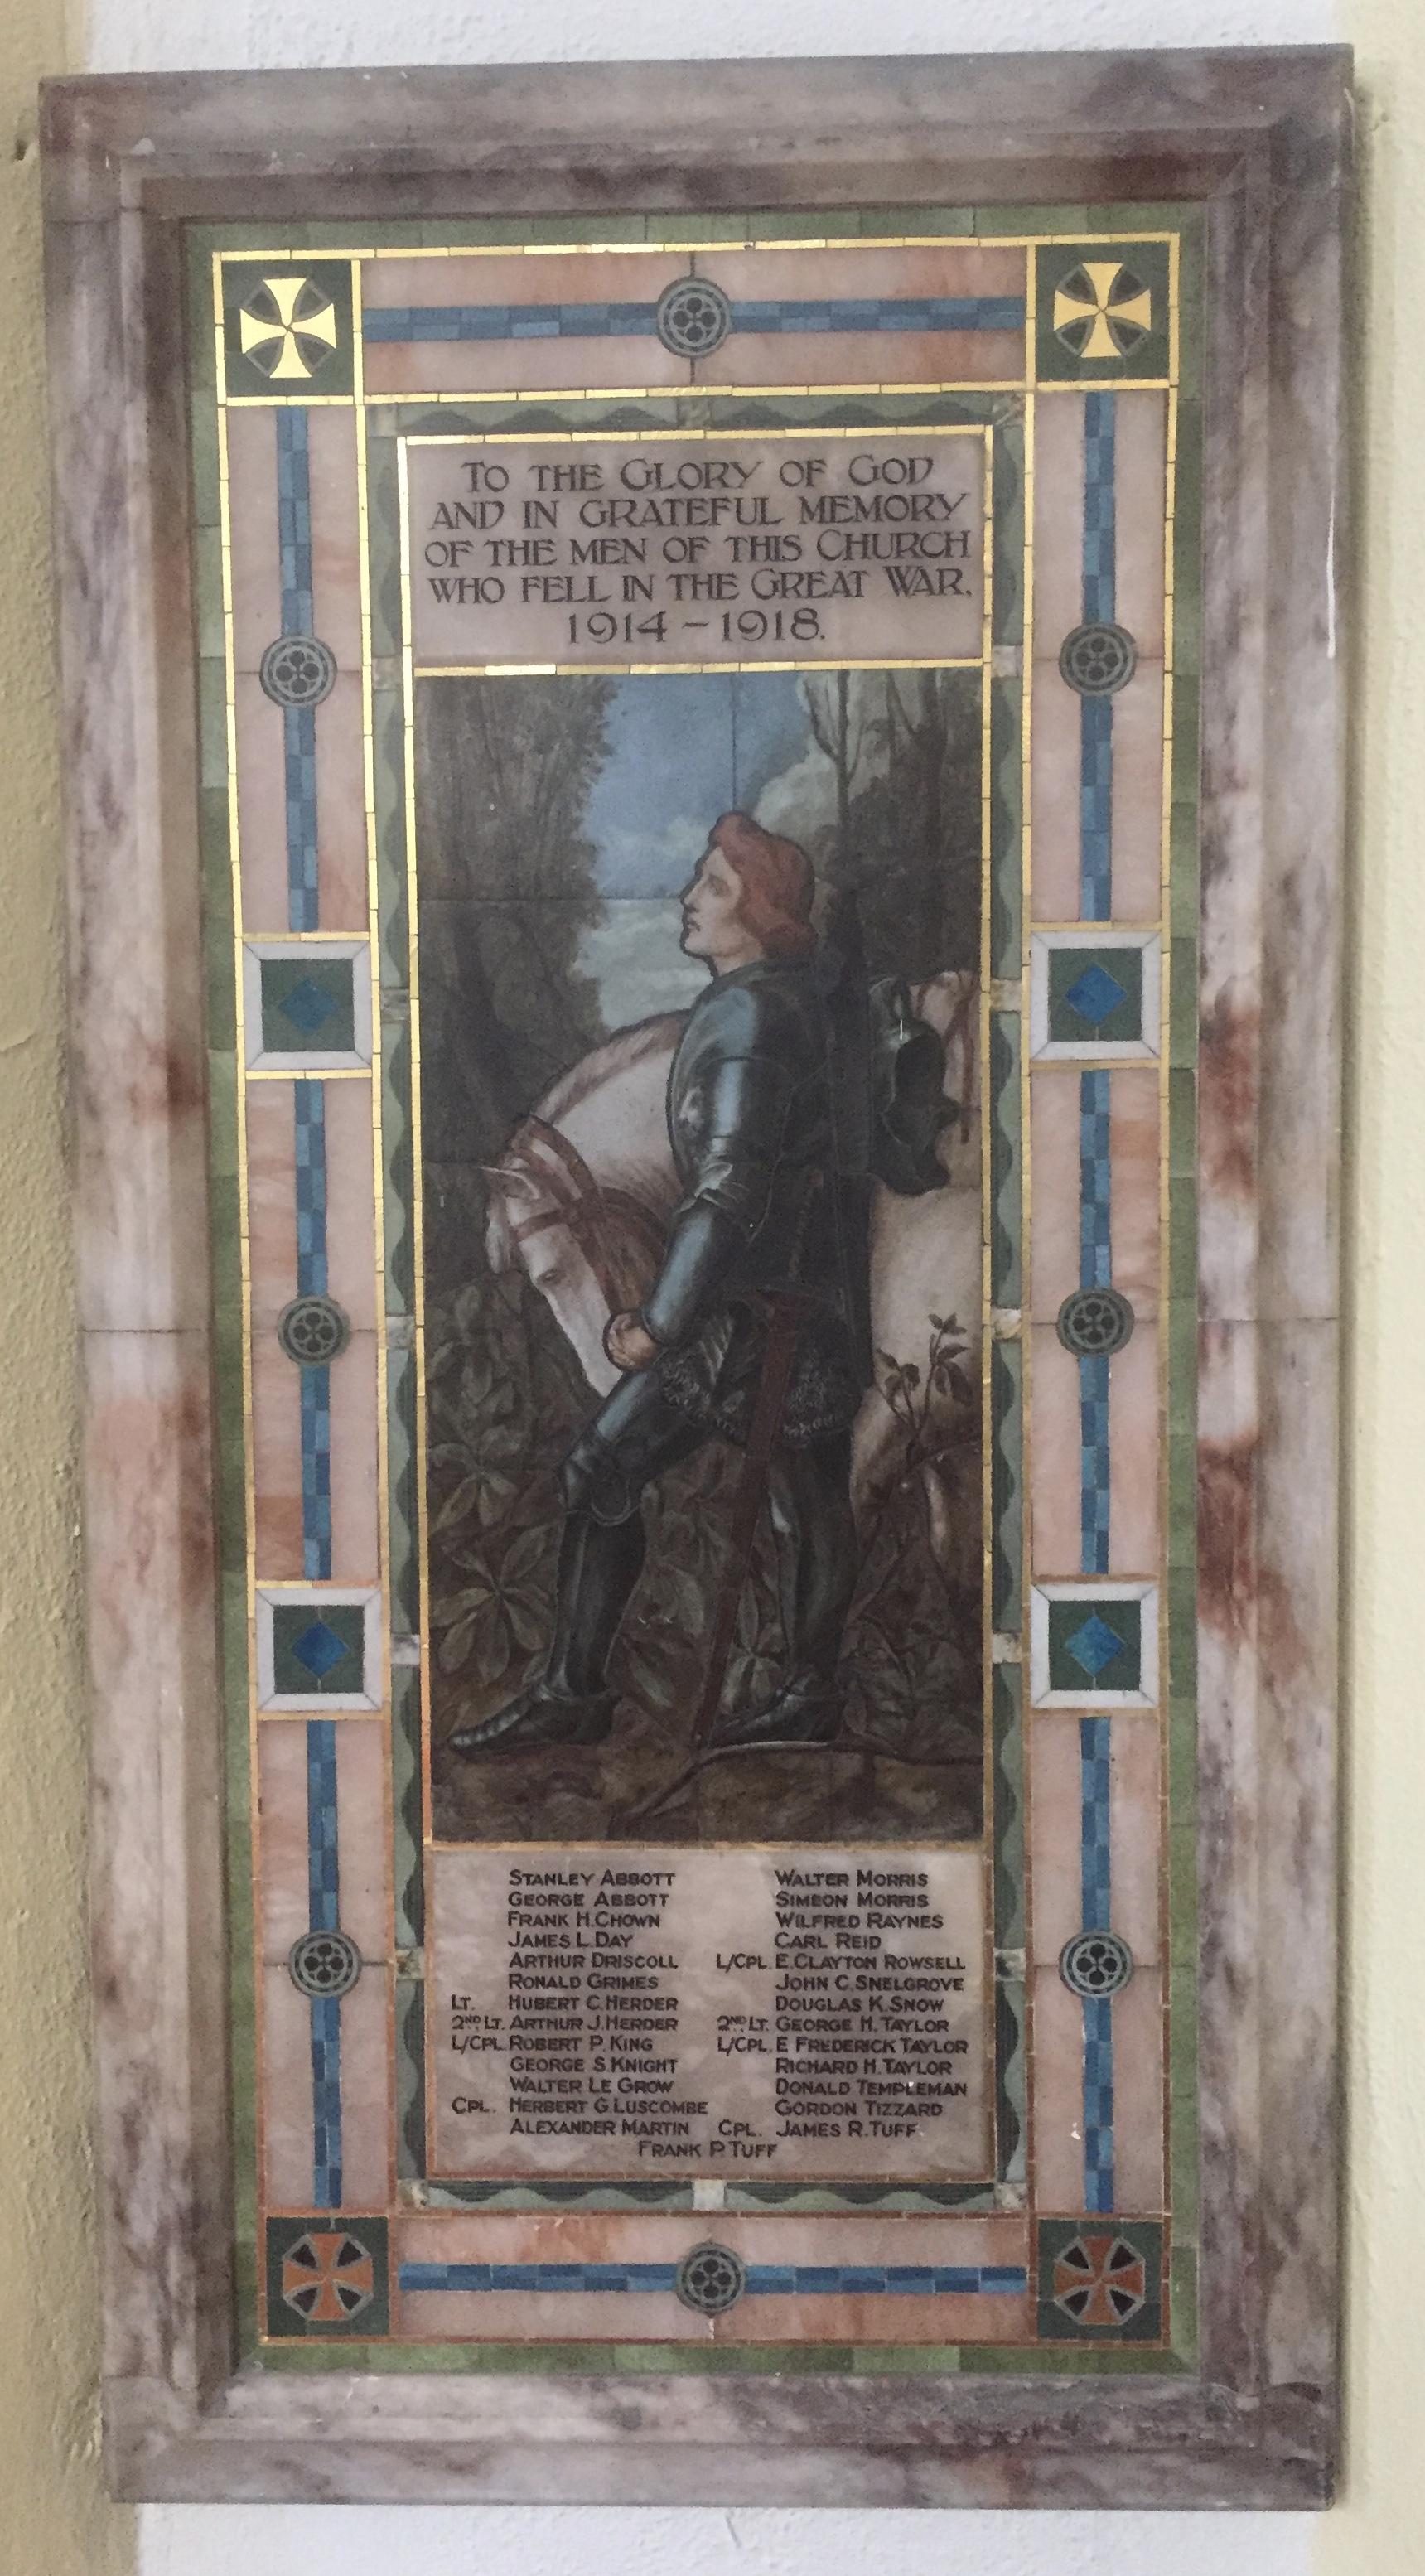 World War I Memorial Tablet